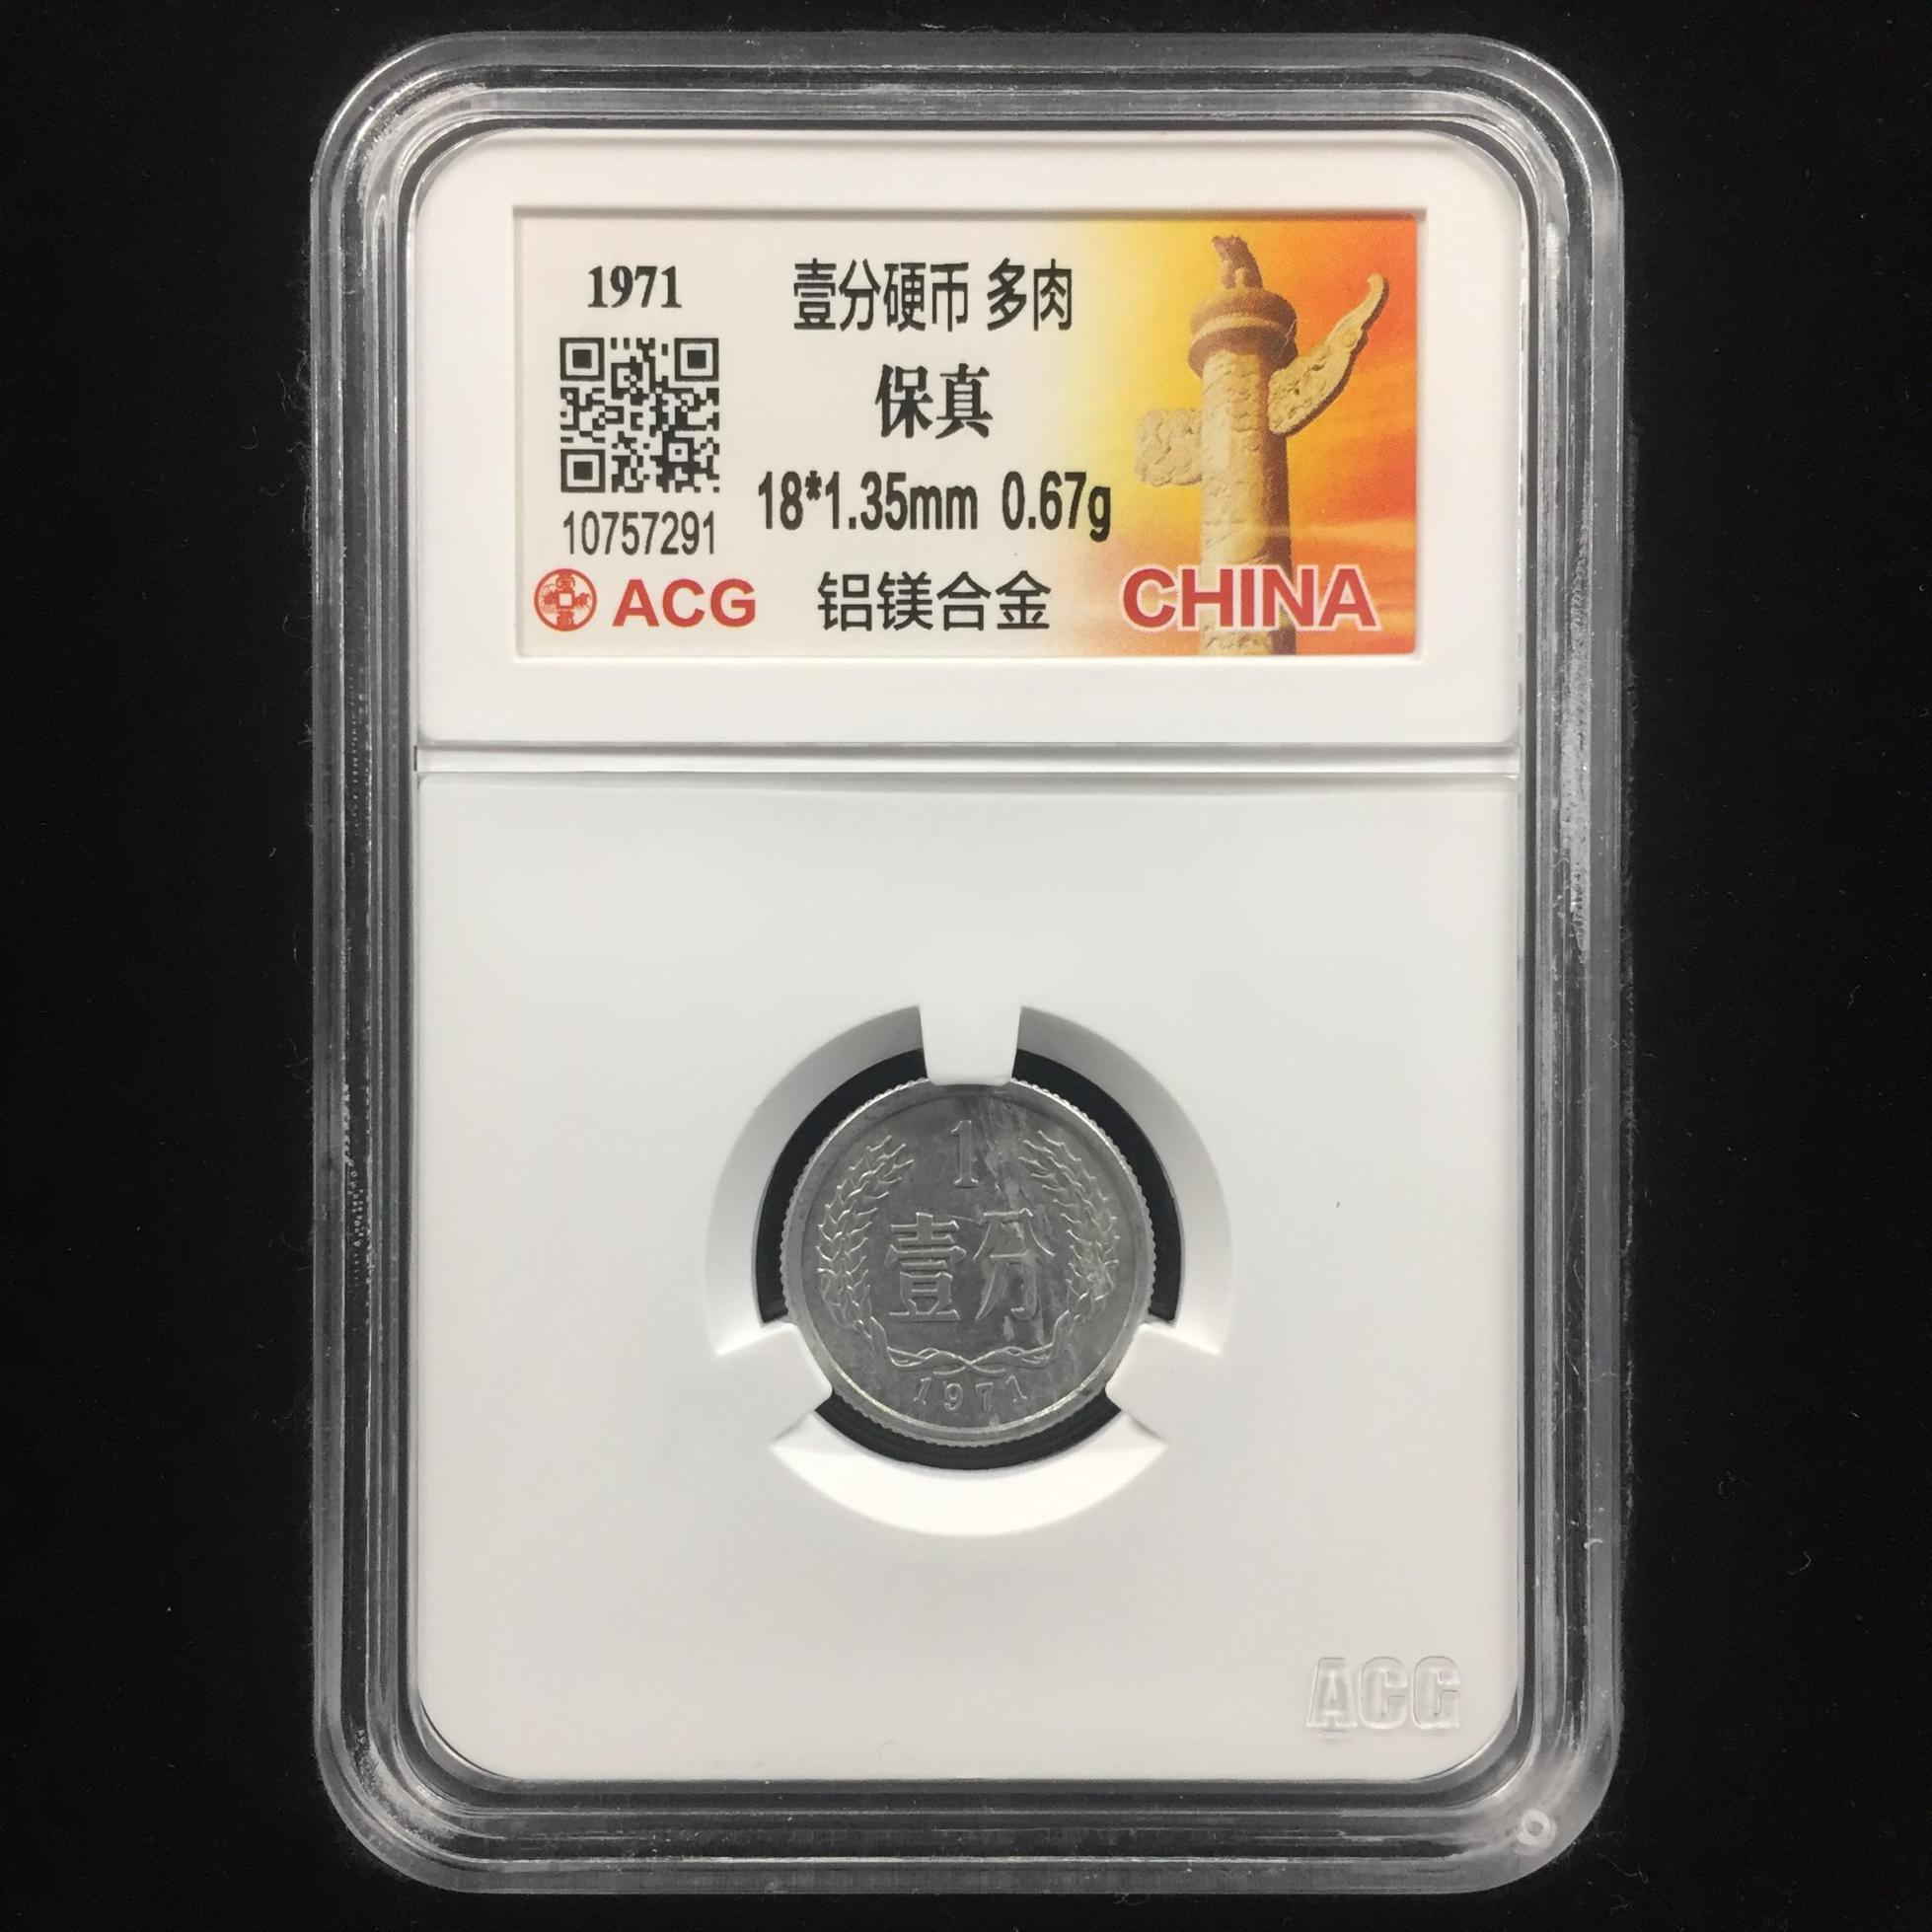 多肉币→1971年1分硬币→ACG鉴定证书-10757291